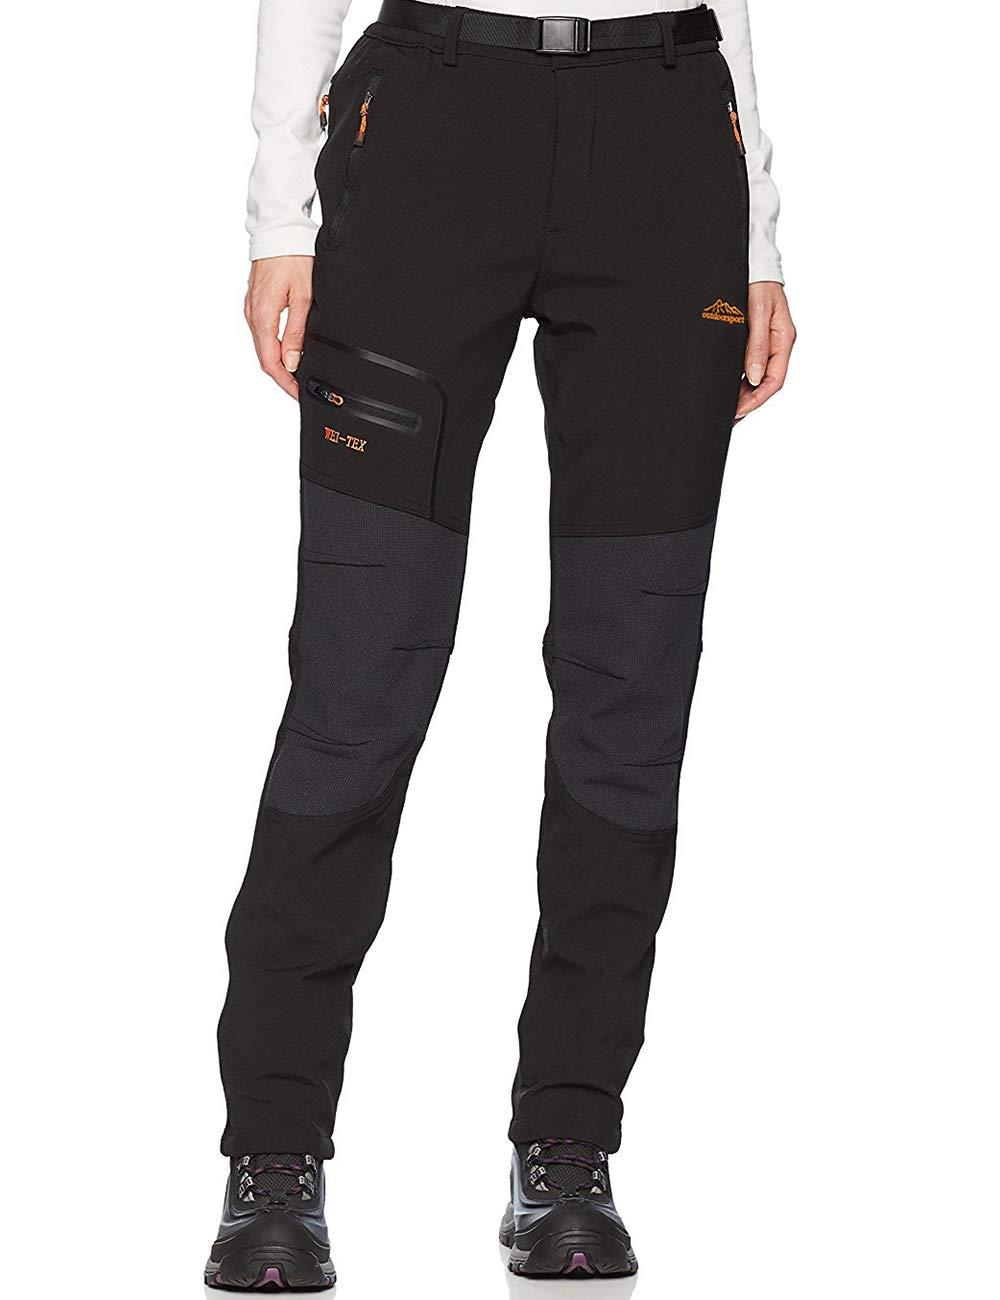 Femme Pantalon Softshell Imperméable Pantalon Randonnée Thermique Étanche Coupe-Vent Hiver Automne Pantalon de Montagne Escalade Ski